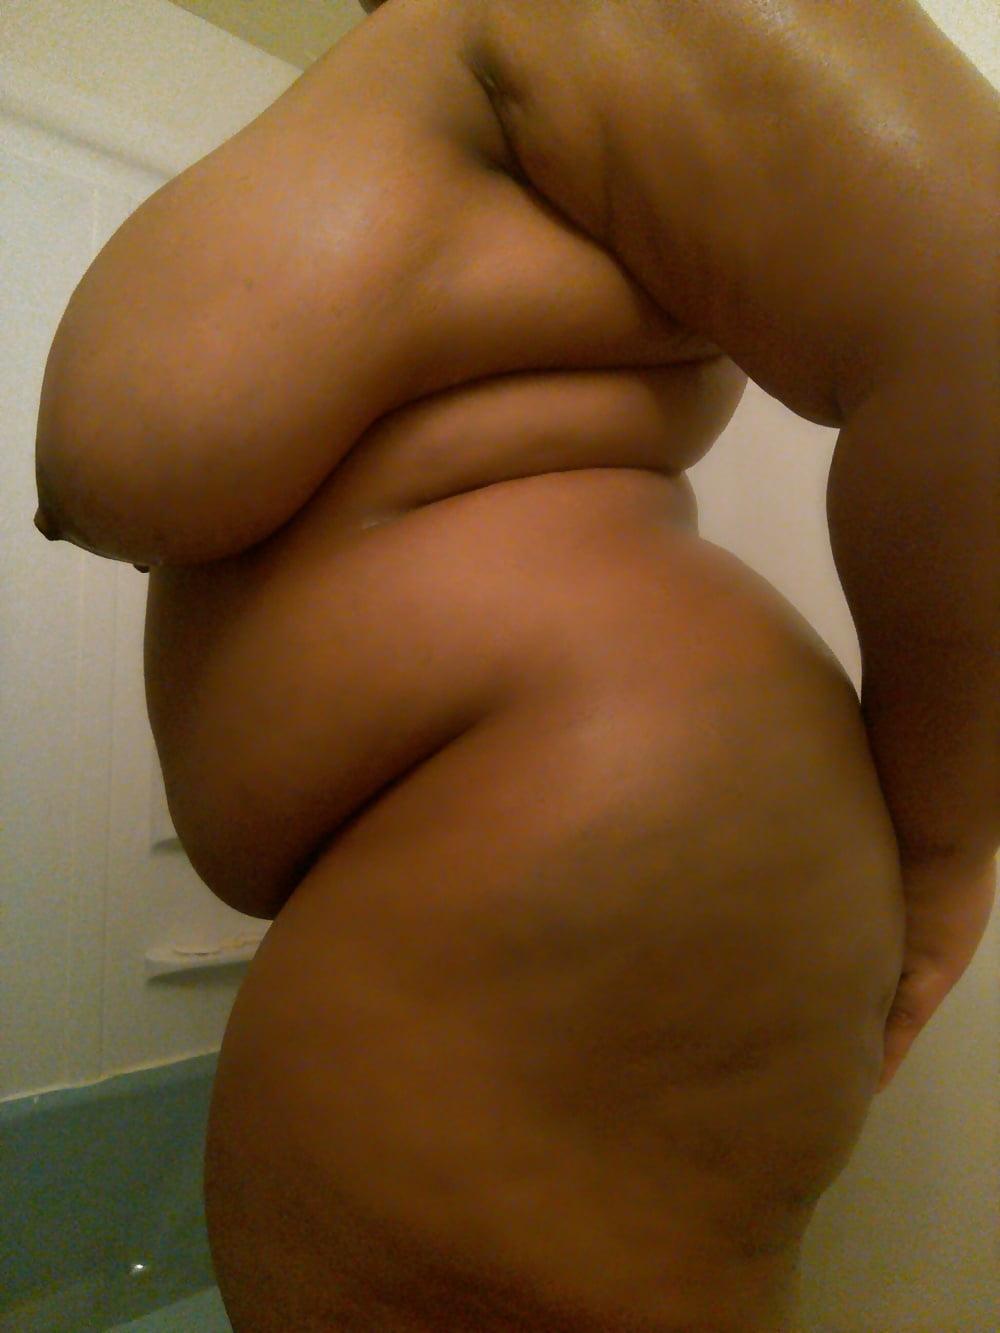 Bbw Ebony Soapy Shower Body - 4 Pics  Xhamster-6075